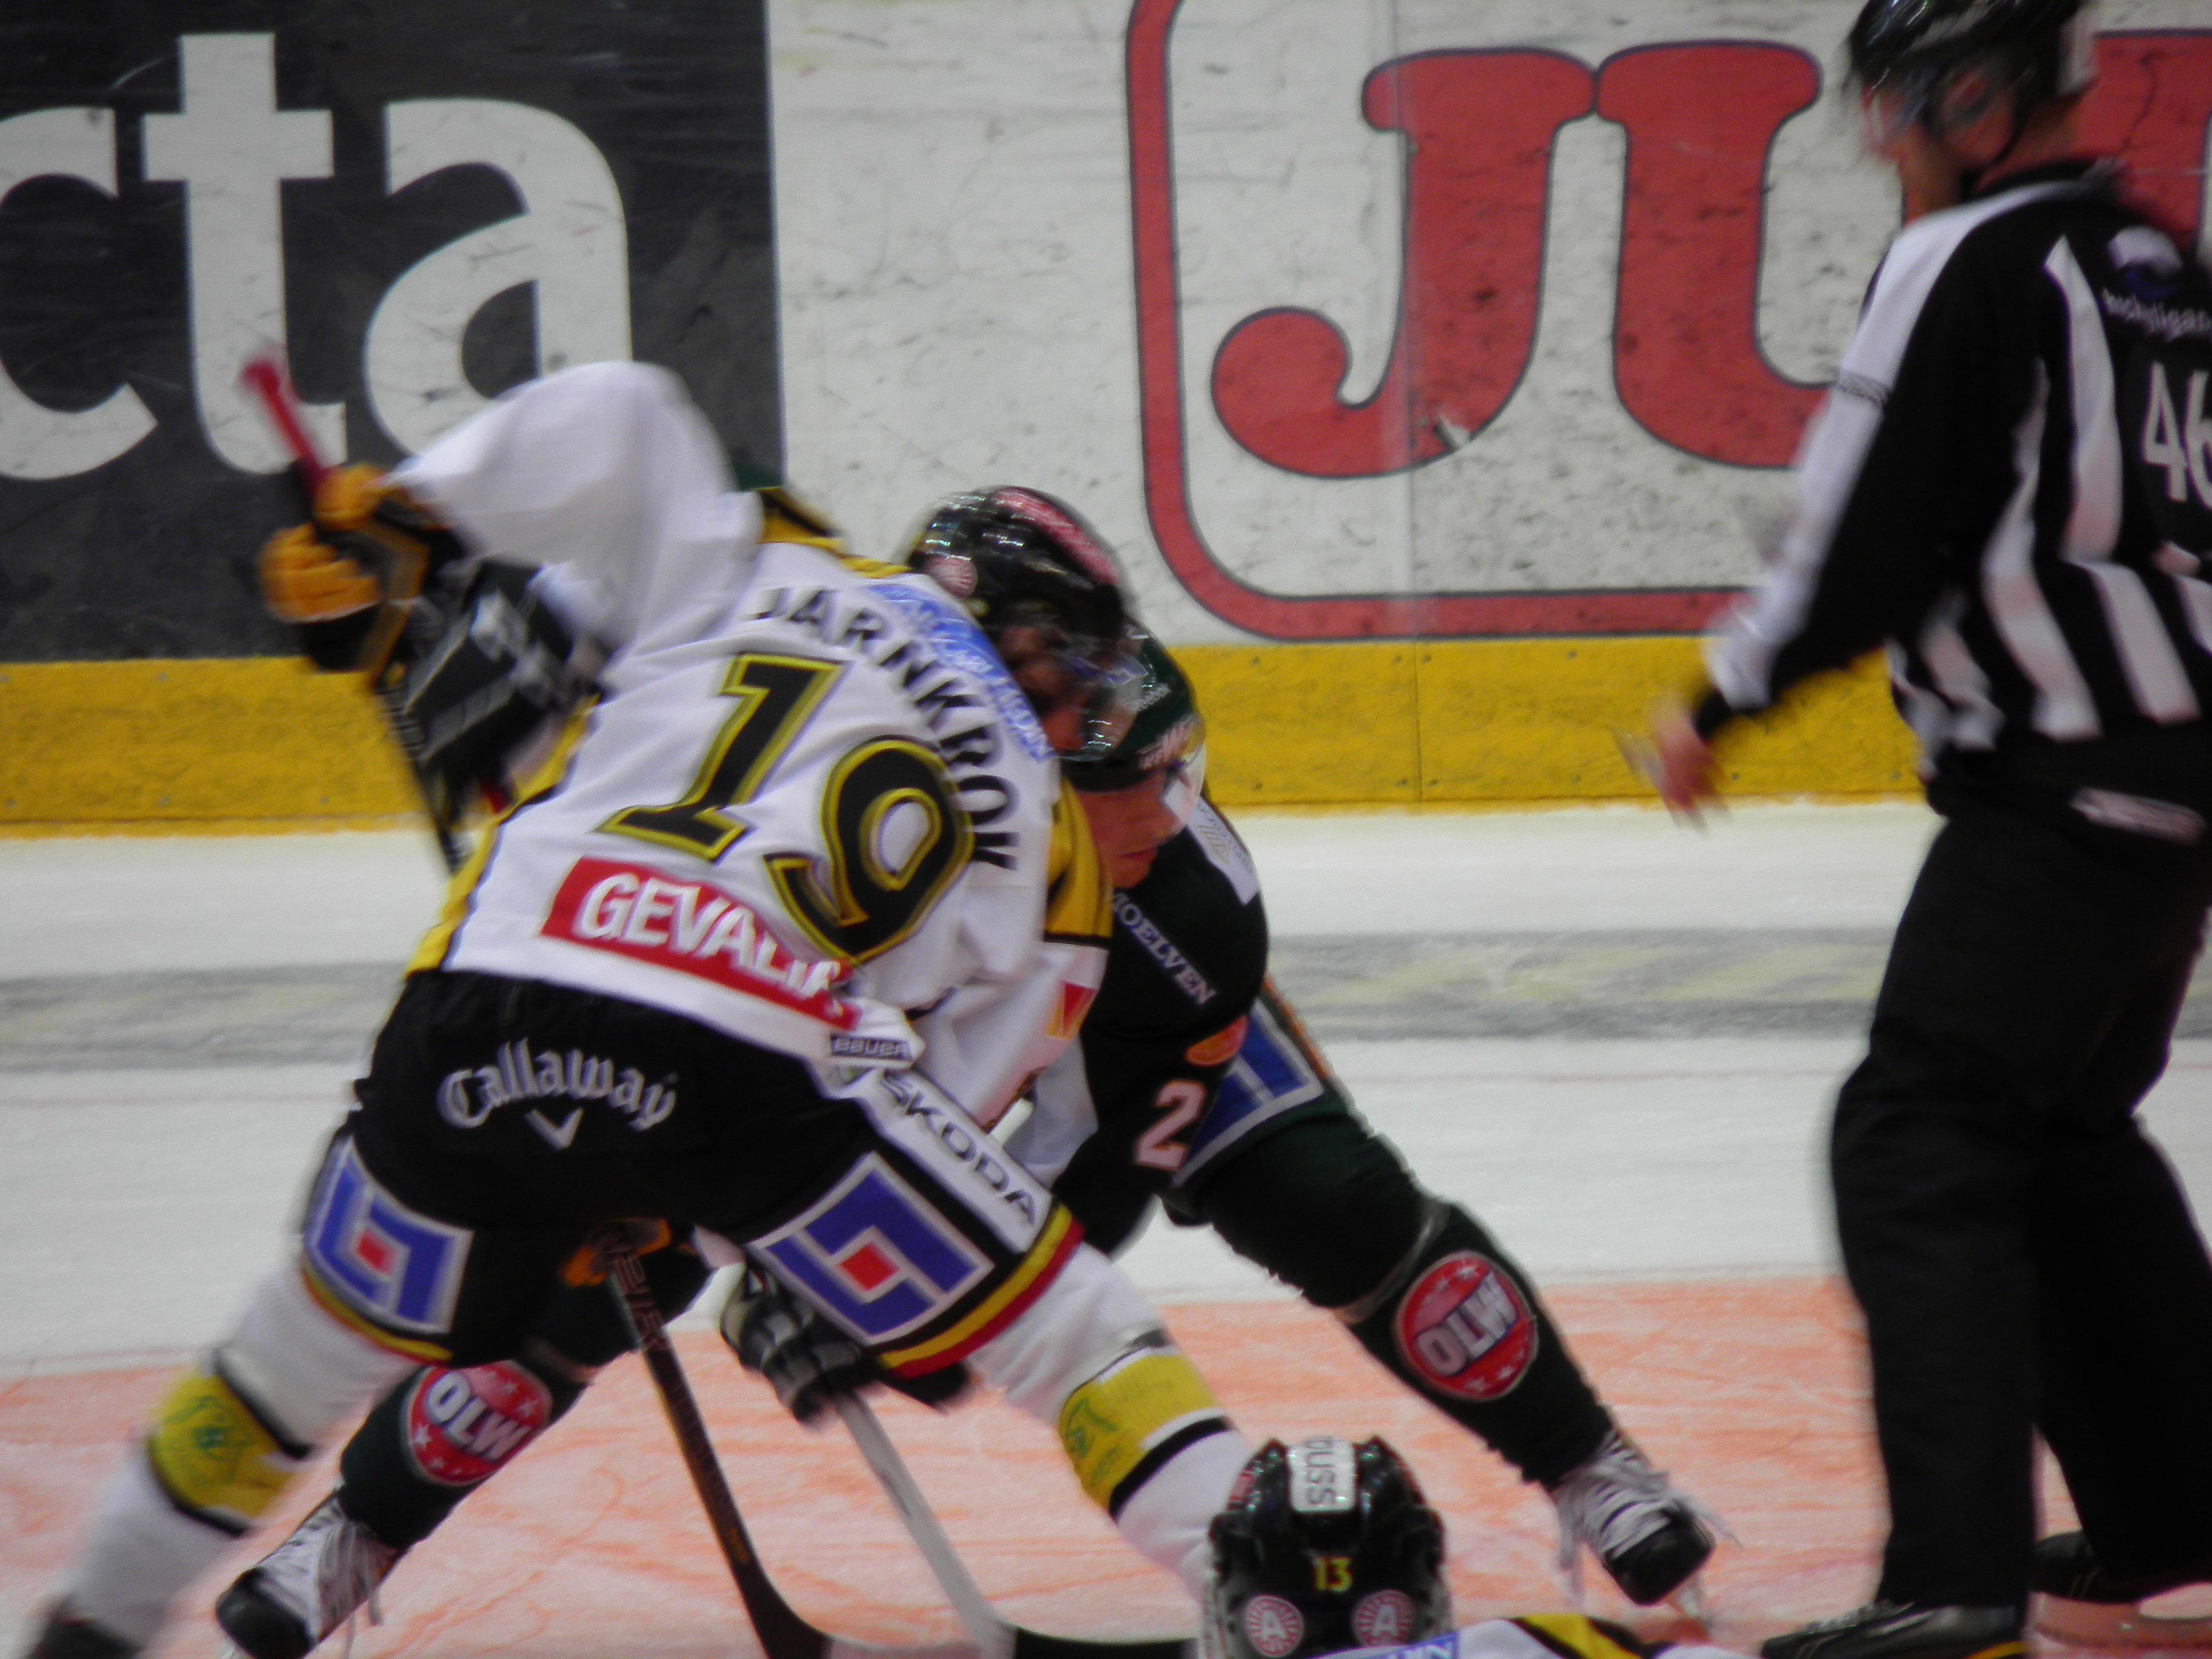 Basse och Järnkrok  Foto: Marie Angle/fbkbloggen